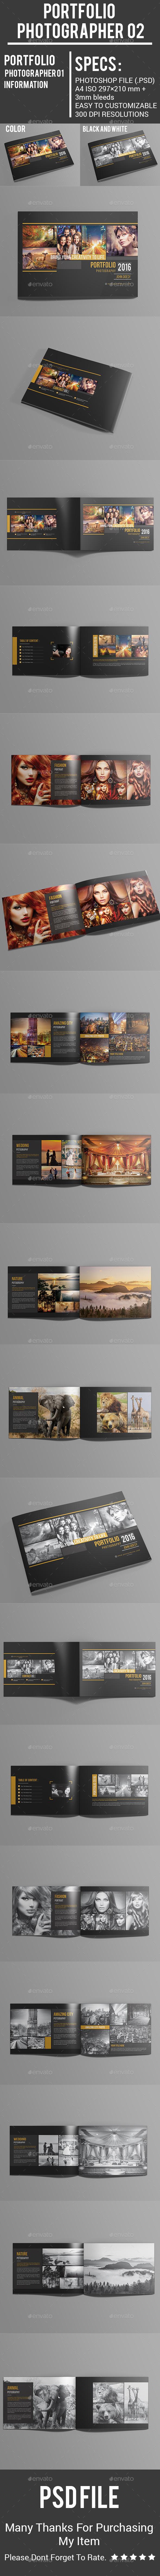 Portfolio Photographer 02 - Photo Albums Print Templates